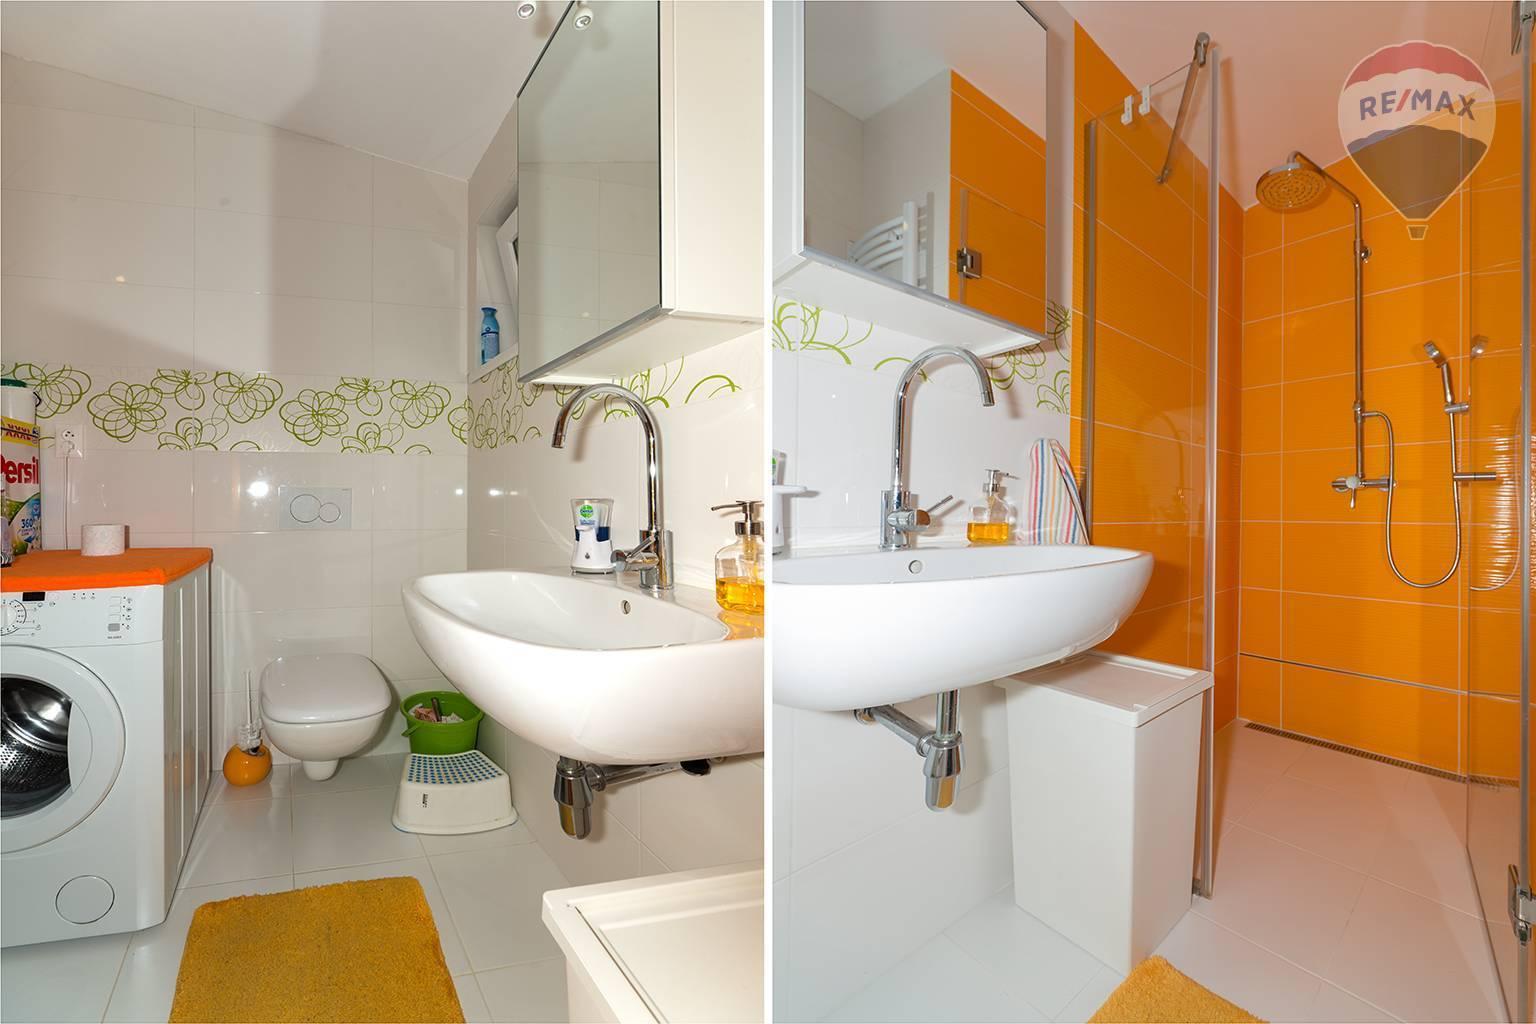 Predaj domu 163 m2, Liptovský Ondrej - kúpelňa s WC